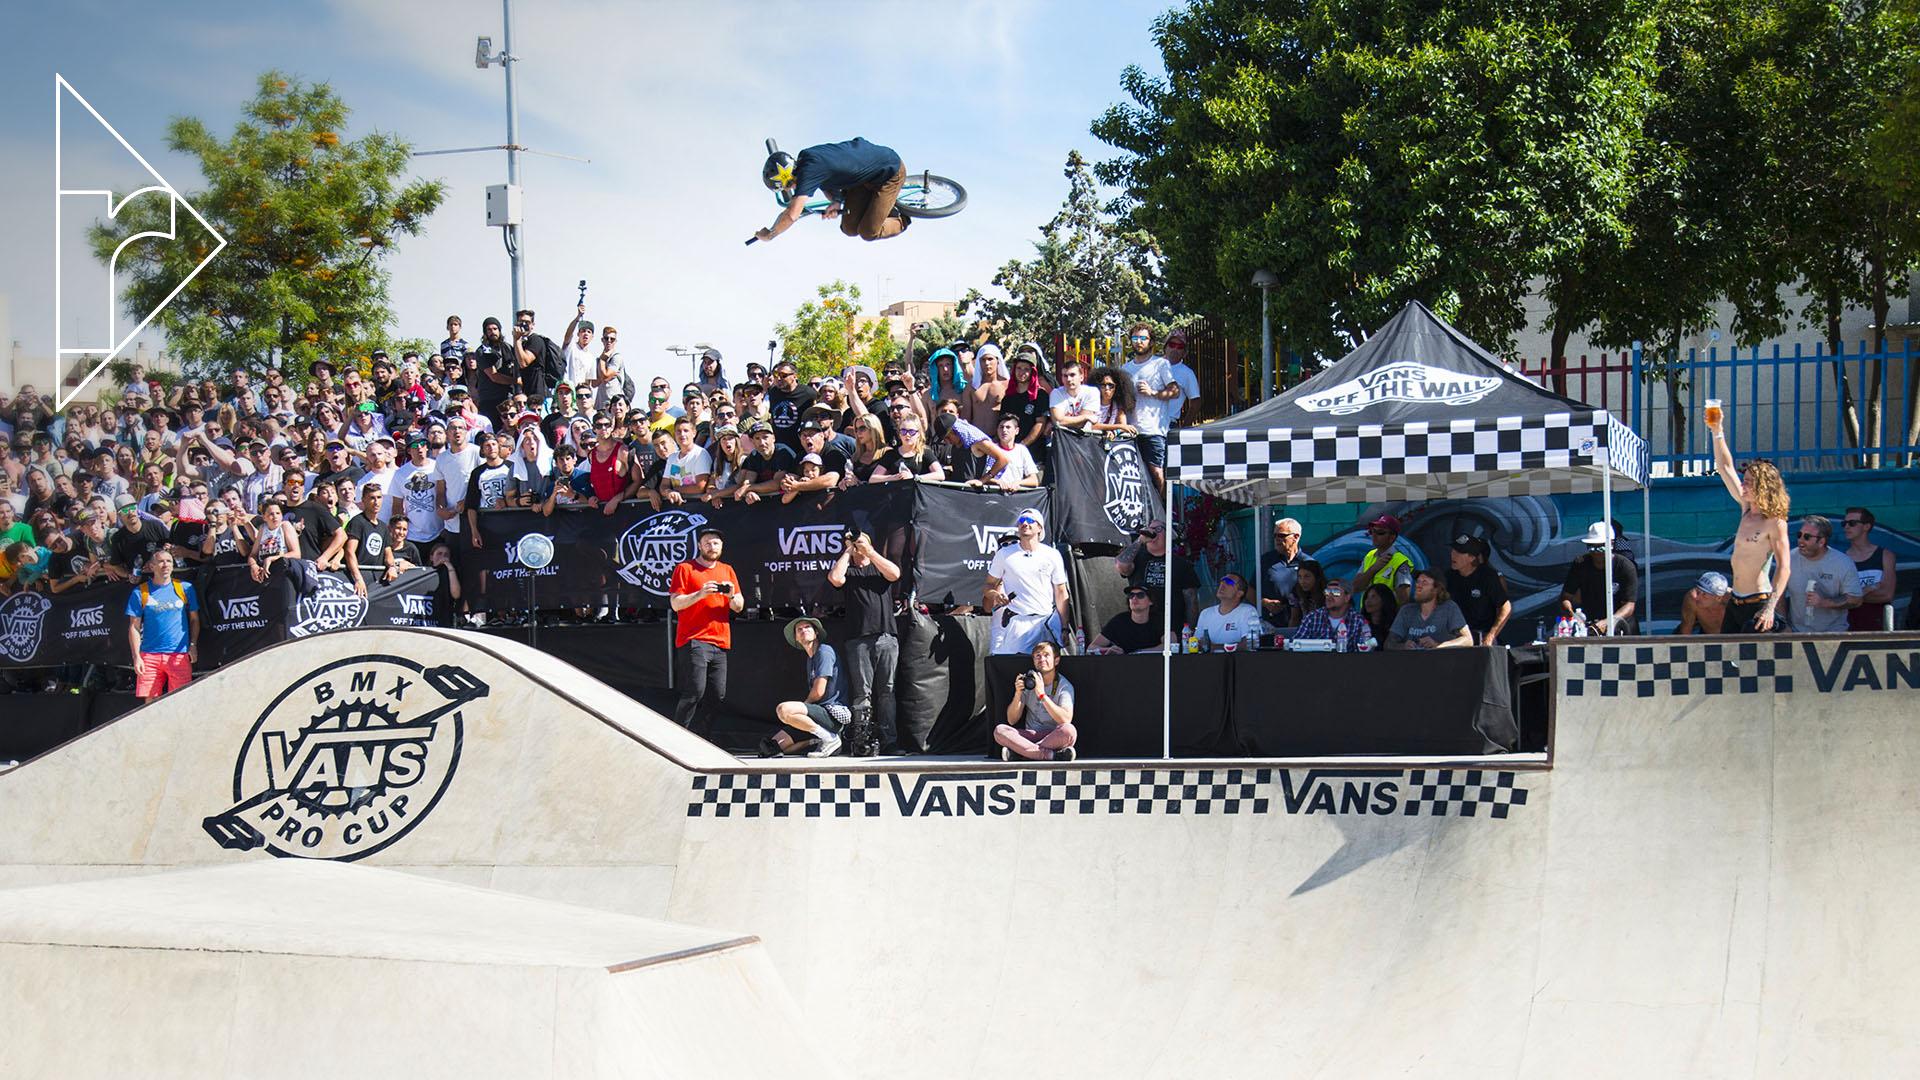 Vans BMX Pro Cup Malaga: Event Video